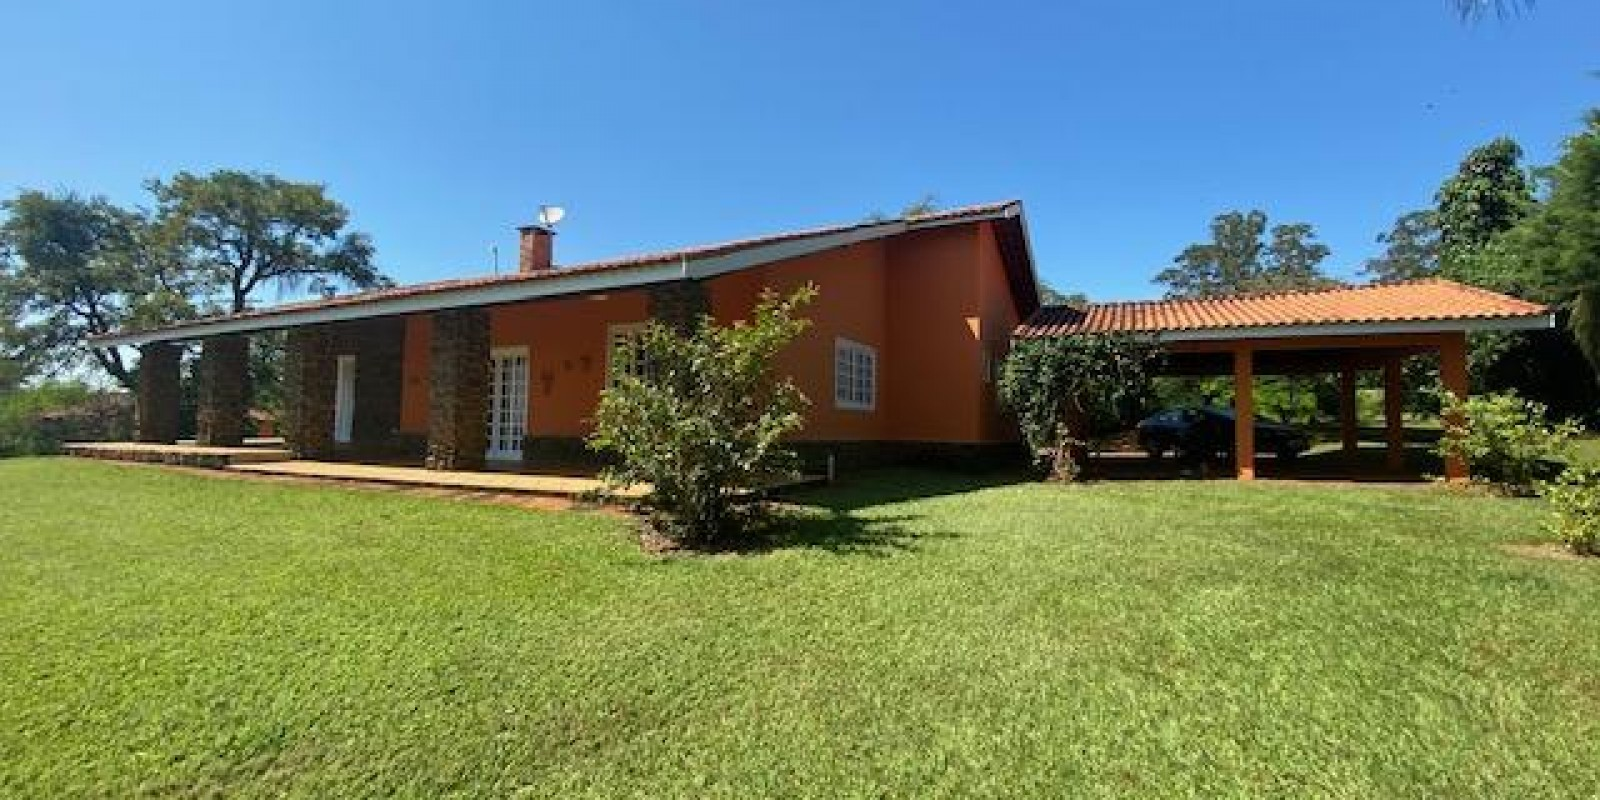 Casa na Represa Condomínio  Parque Náutico em Avaré SP - Foto 34 de 40